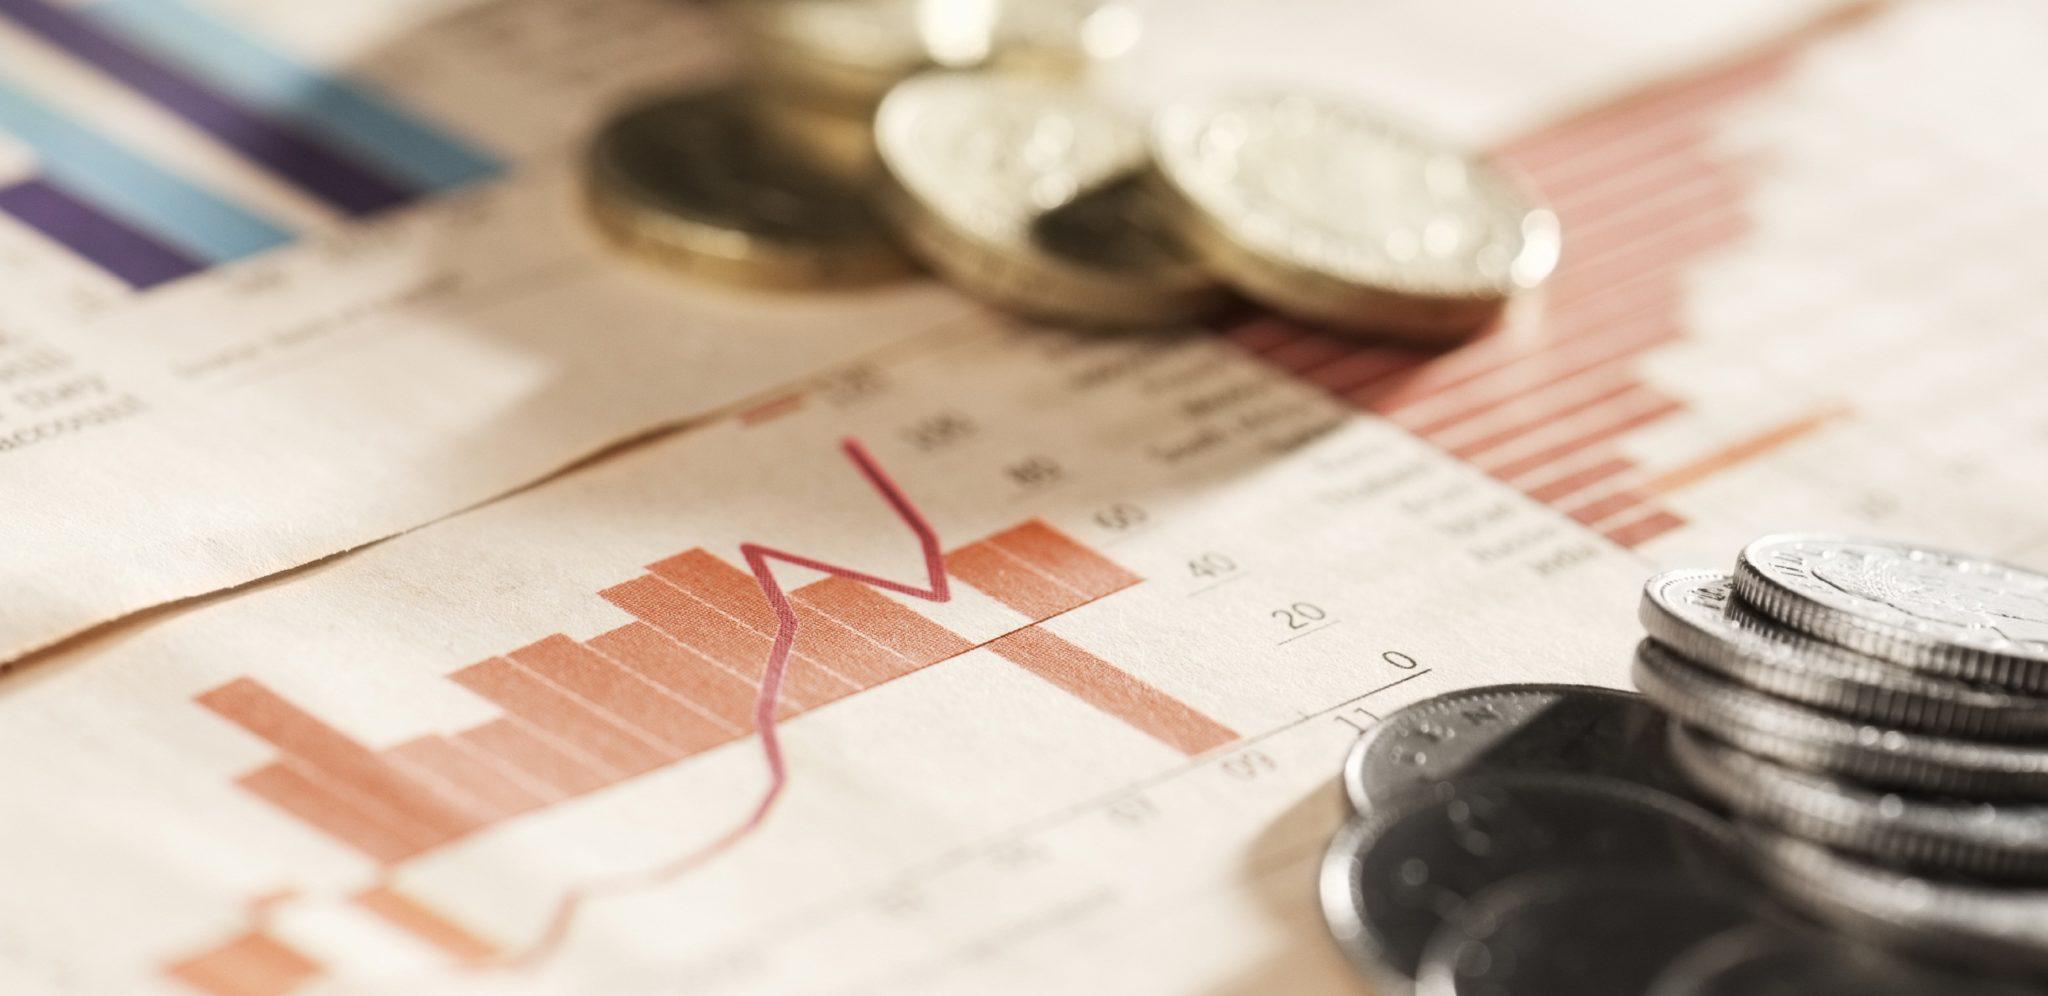 cơ hội đầu tư bitcoin thời điểm hiện tại